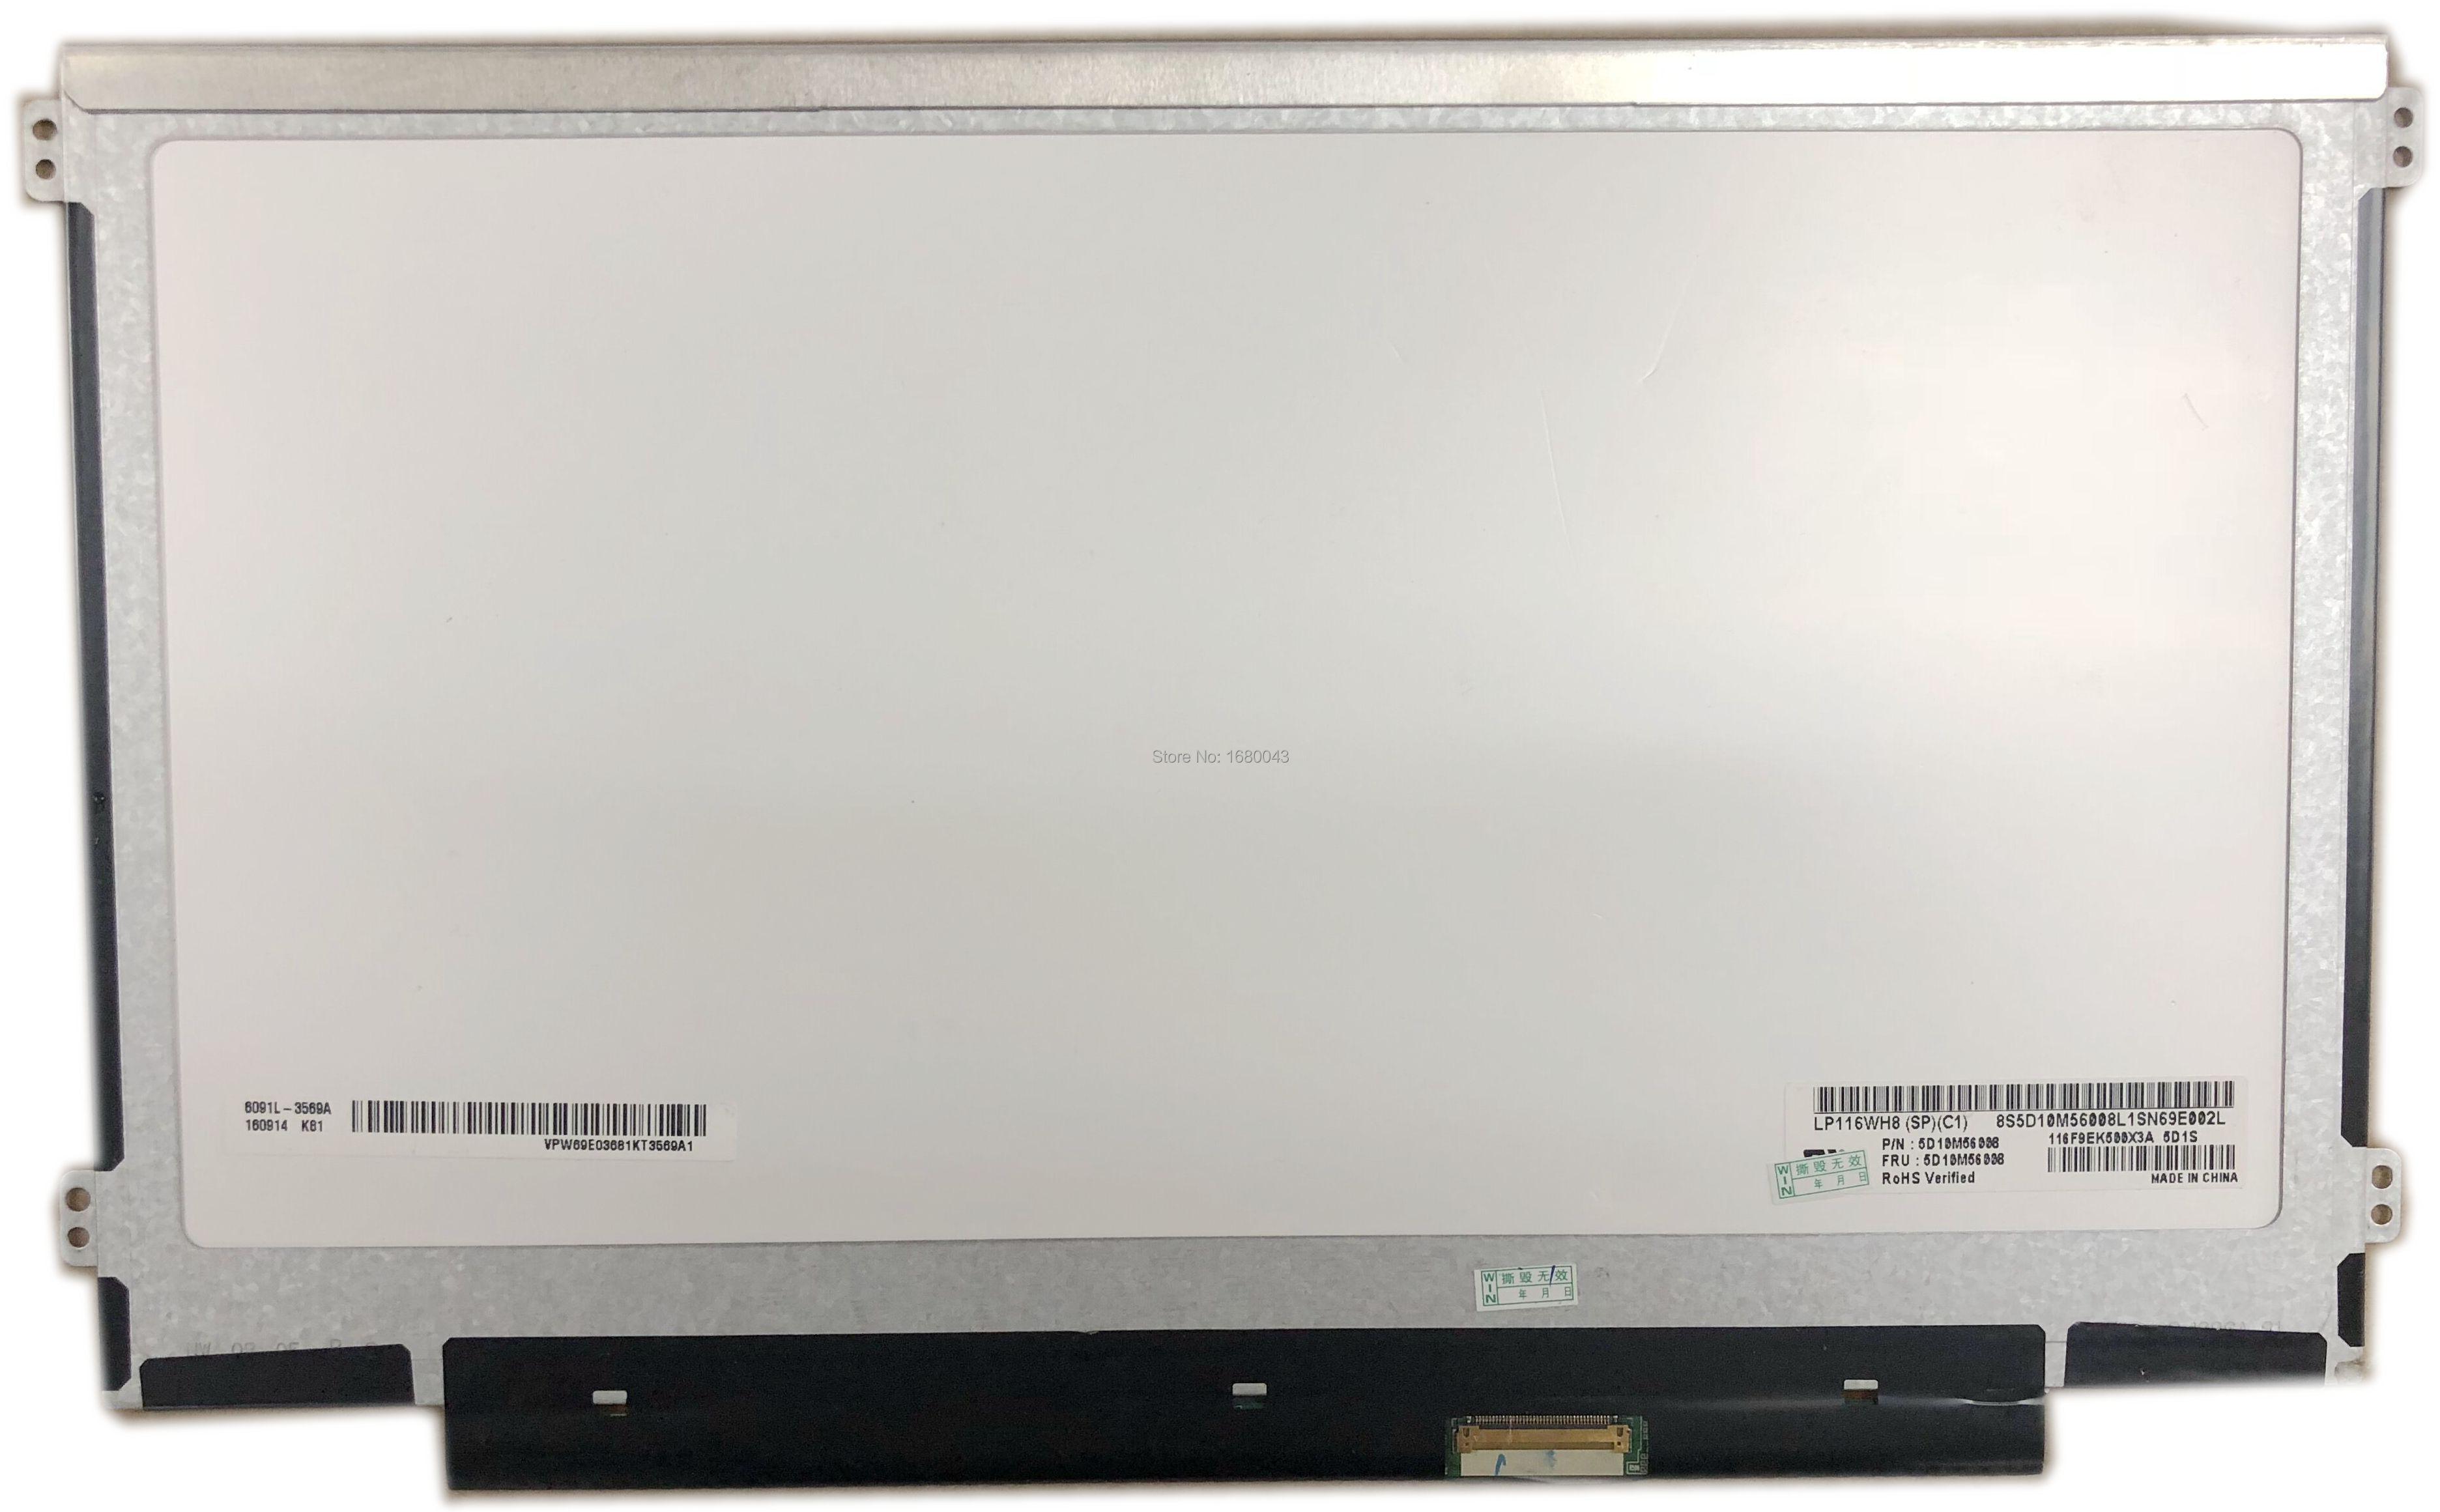 LP116WH8 SPC1 LP116WH8 (SP) (C1) yeni 11.6 WXGA HD 1366x768 LED LCD Ekran Paneli IPS 40PIN eDP Laptop LCD LED ekranLP116WH8 SPC1 LP116WH8 (SP) (C1) yeni 11.6 WXGA HD 1366x768 LED LCD Ekran Paneli IPS 40PIN eDP Laptop LCD LED ekran